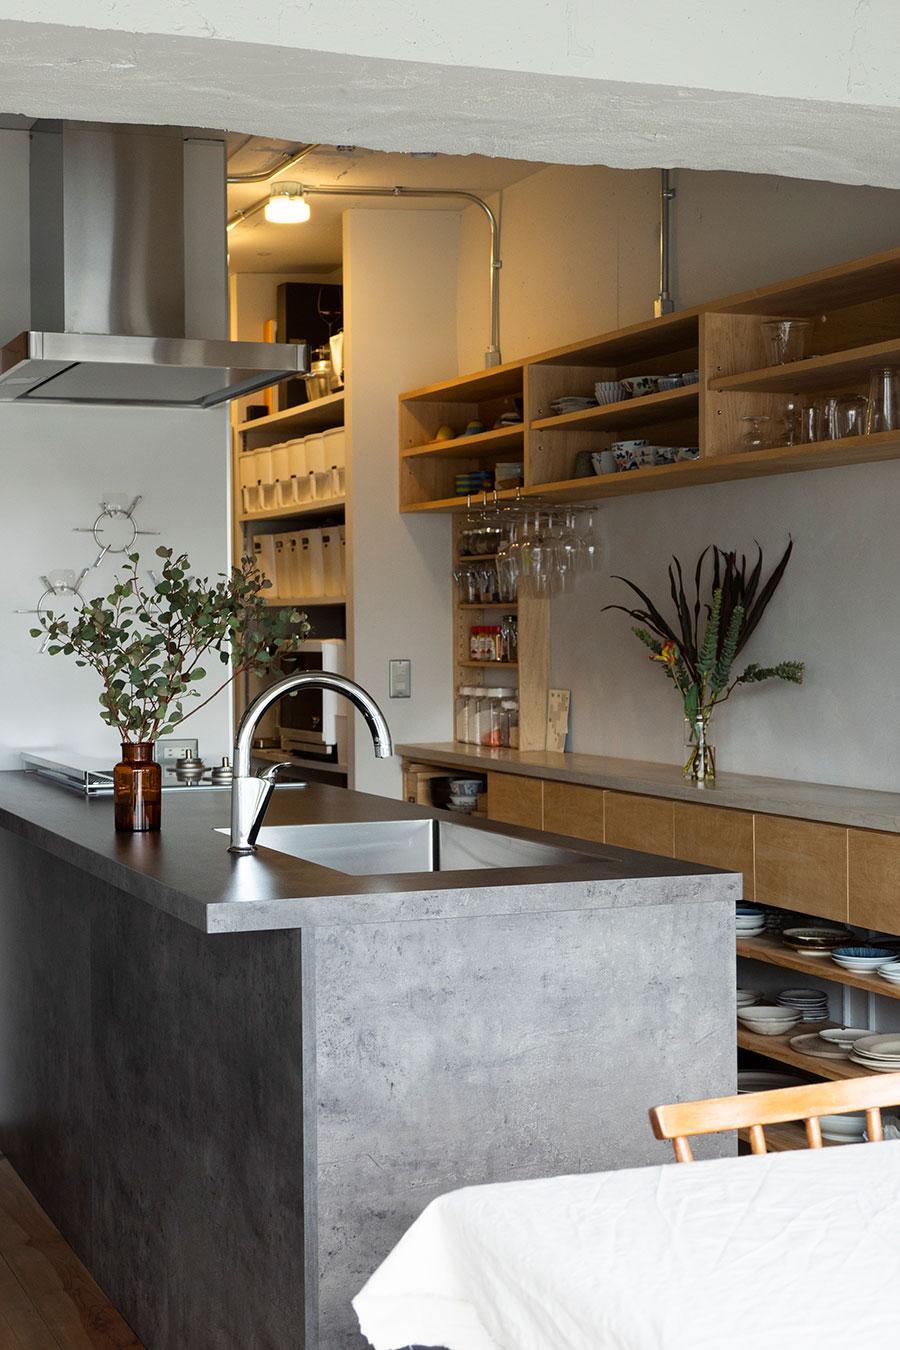 家の中心として考えたキッチンは、GRAFTEKTのもの。コンクリート調のものを求めて辿り着いた。